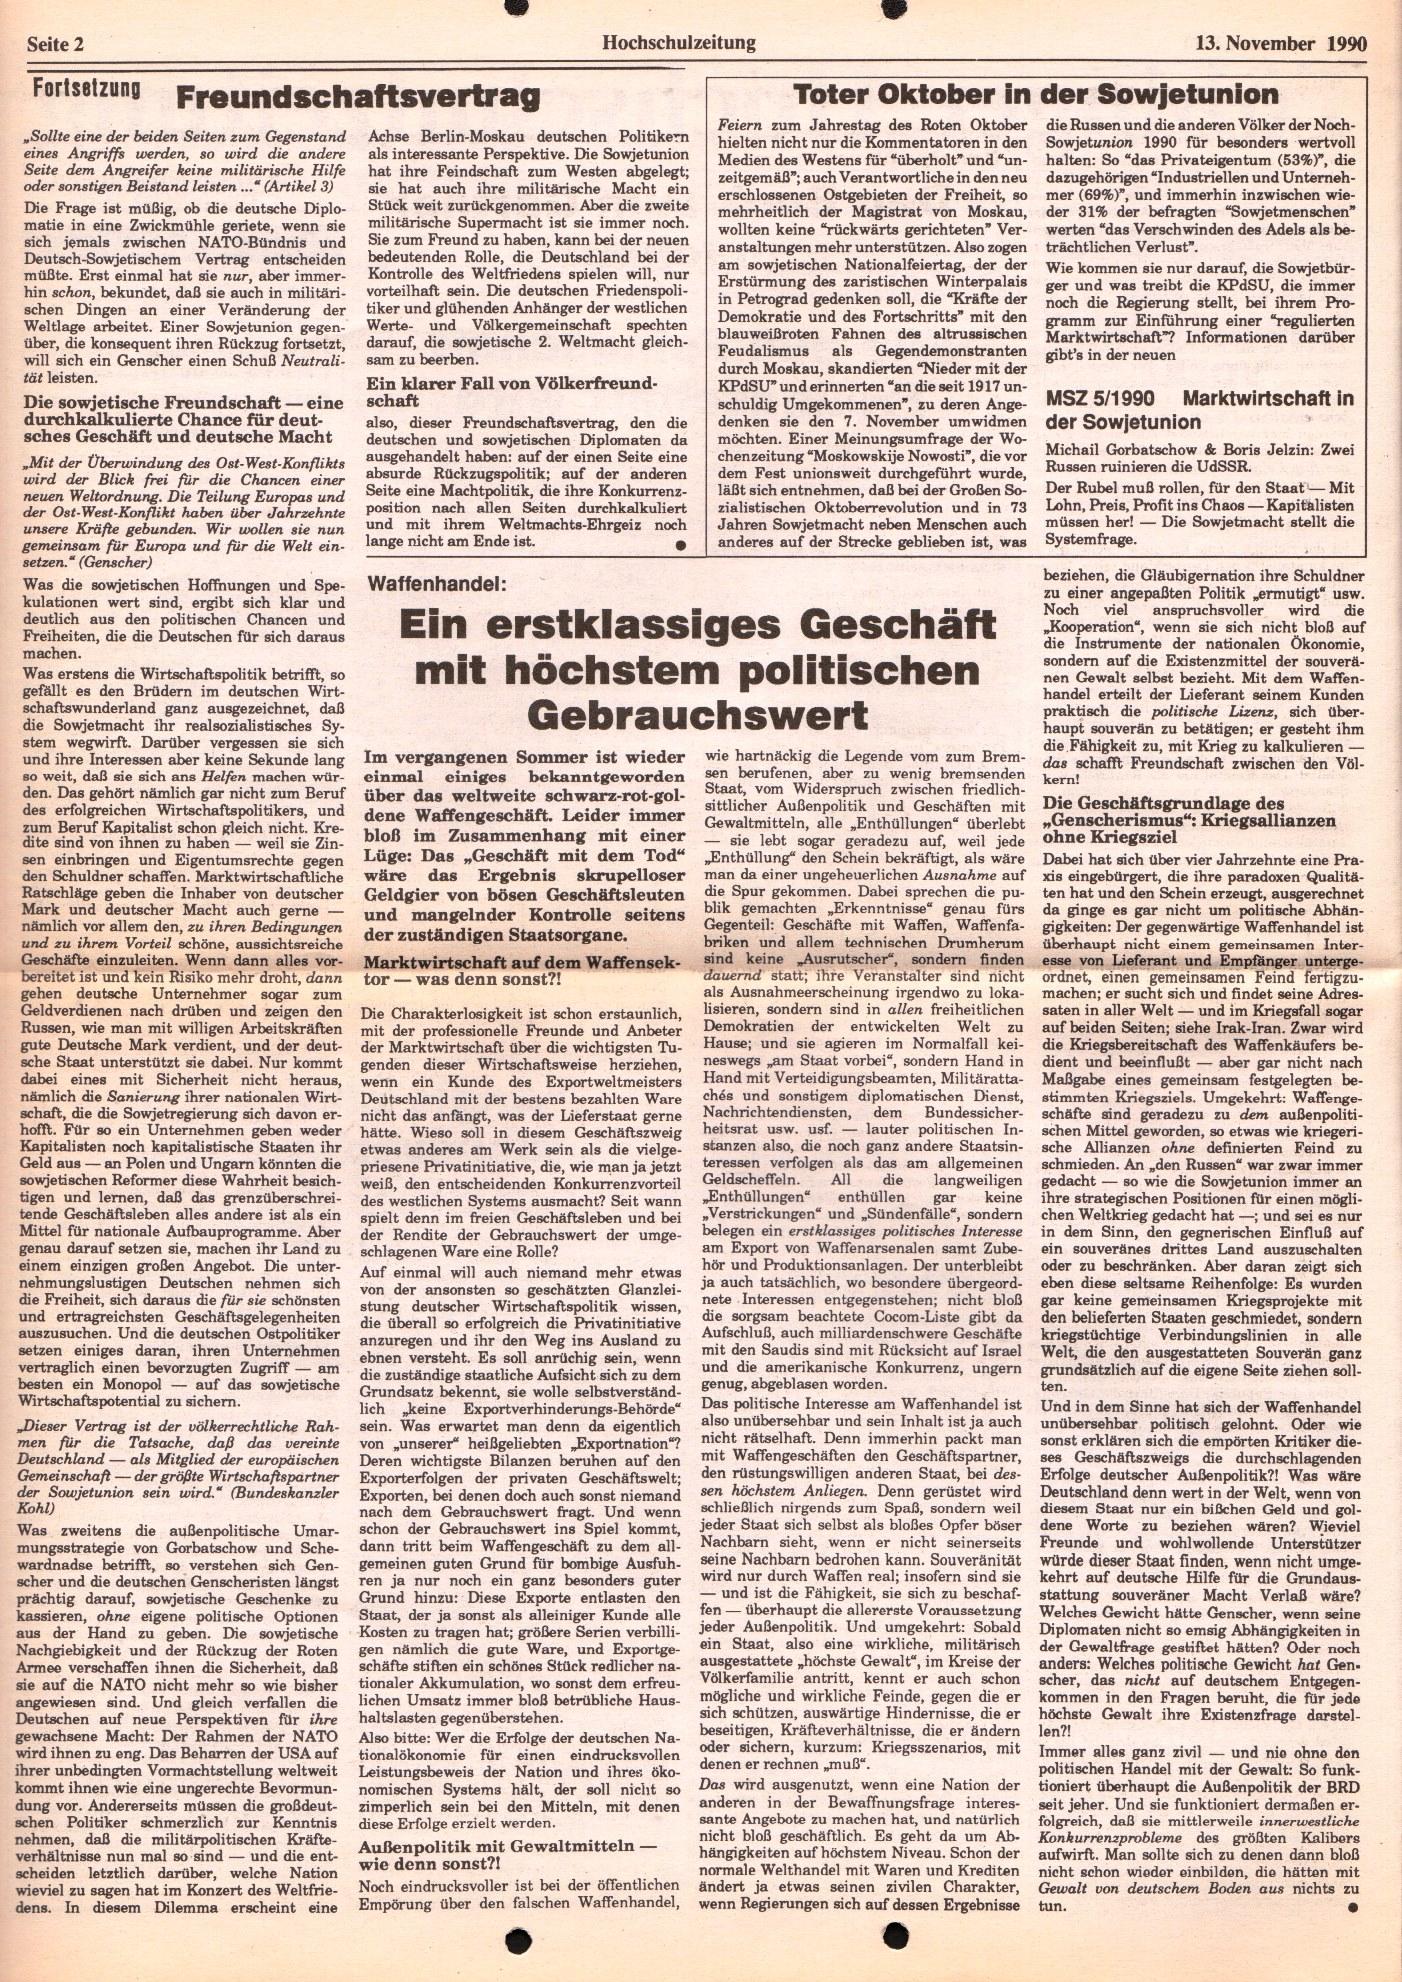 Tuebingen_MG_Hochschulzeitung_1990_12_02